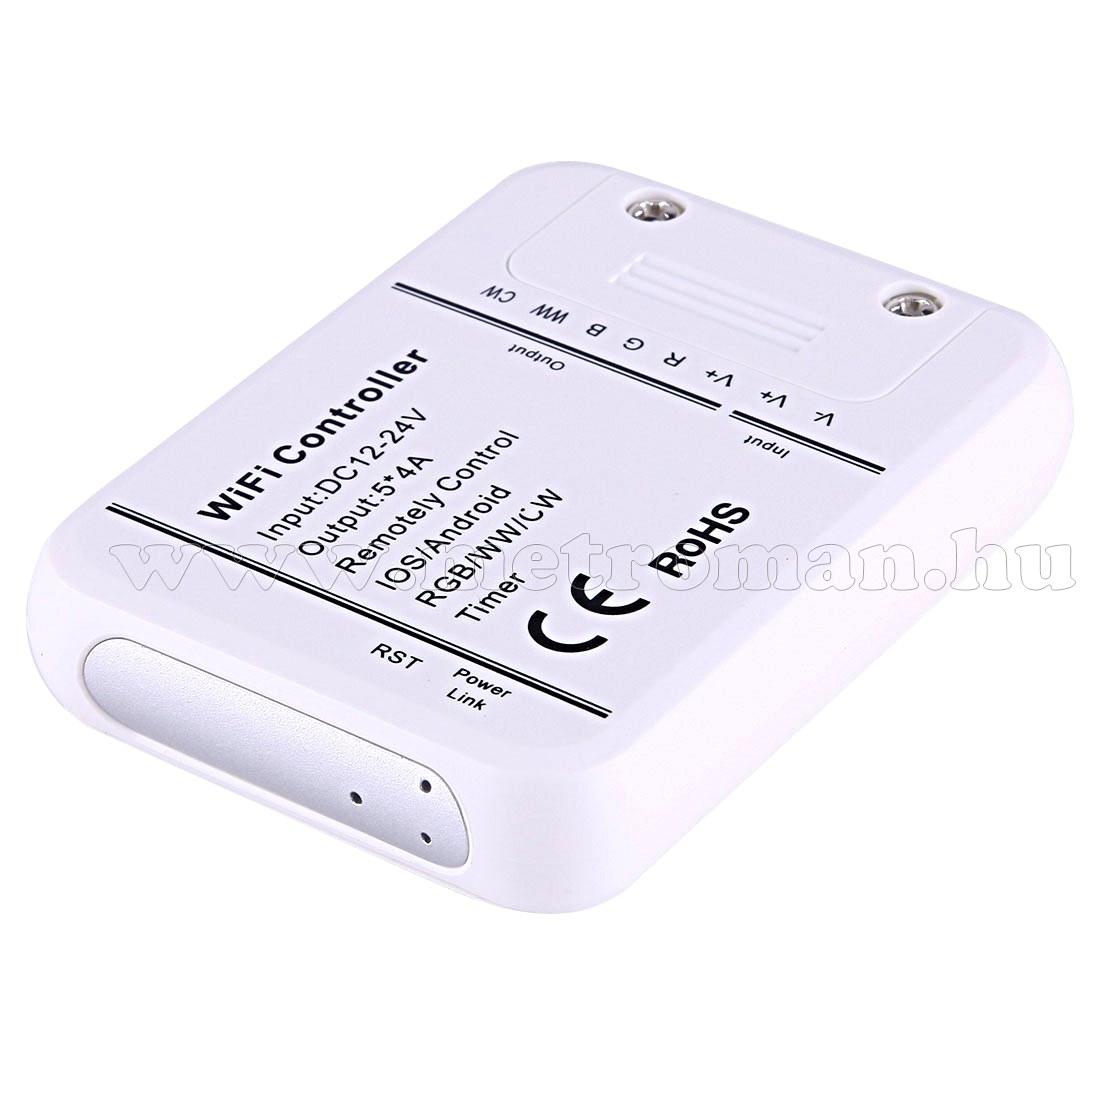 Wifi okos távirányító RGB LED szalaghoz Mlogic M1788